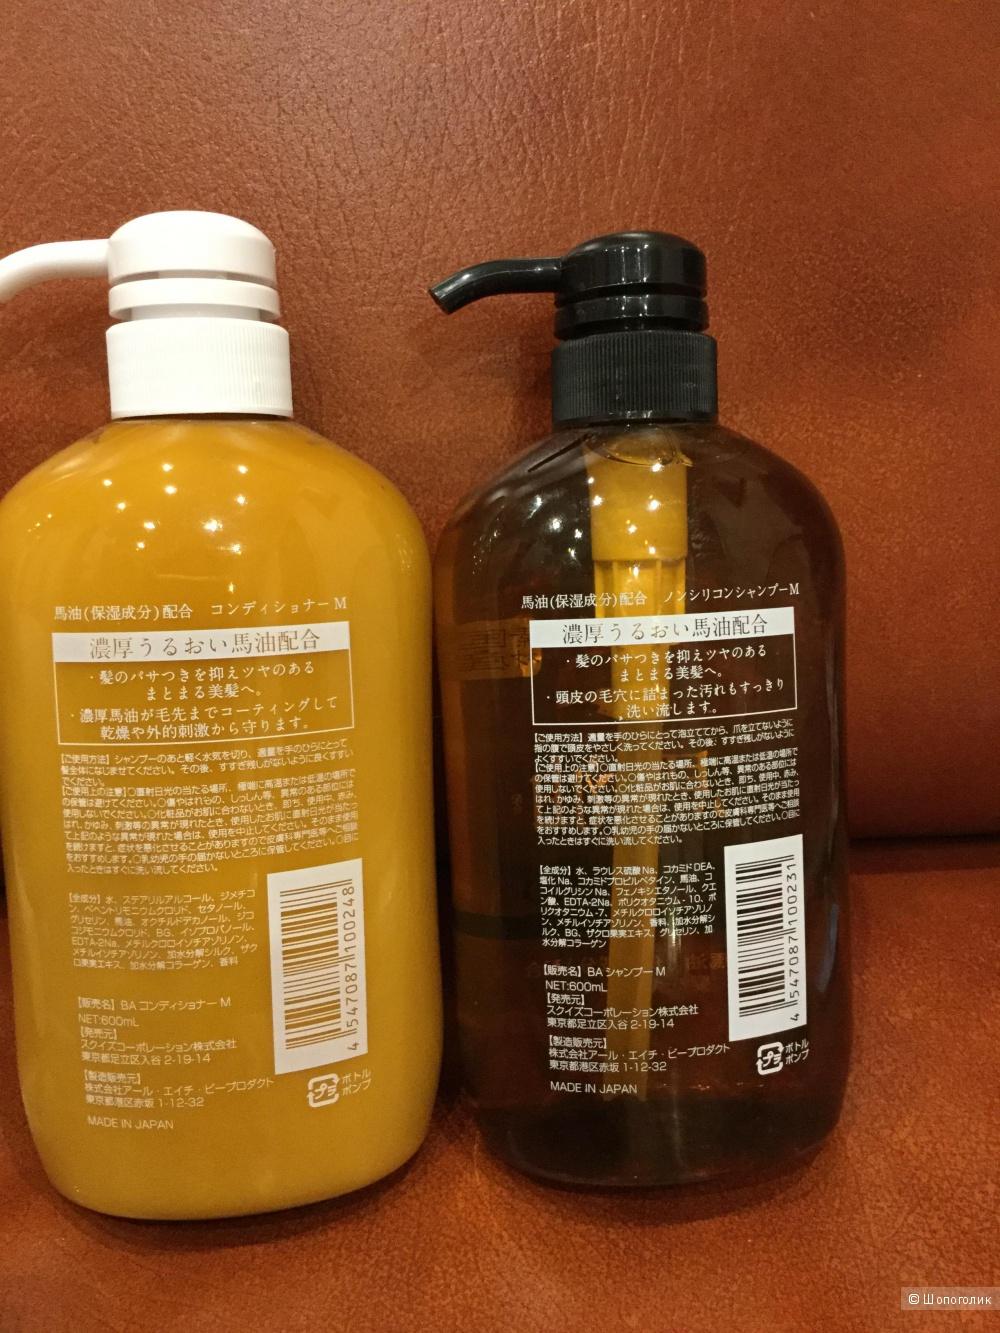 Увлажняющий шампунь Moisture Horse Oil Shampo 600 ml and Увлажняющий кондиционер Moisture Horse Oil Conditioner 600 ml